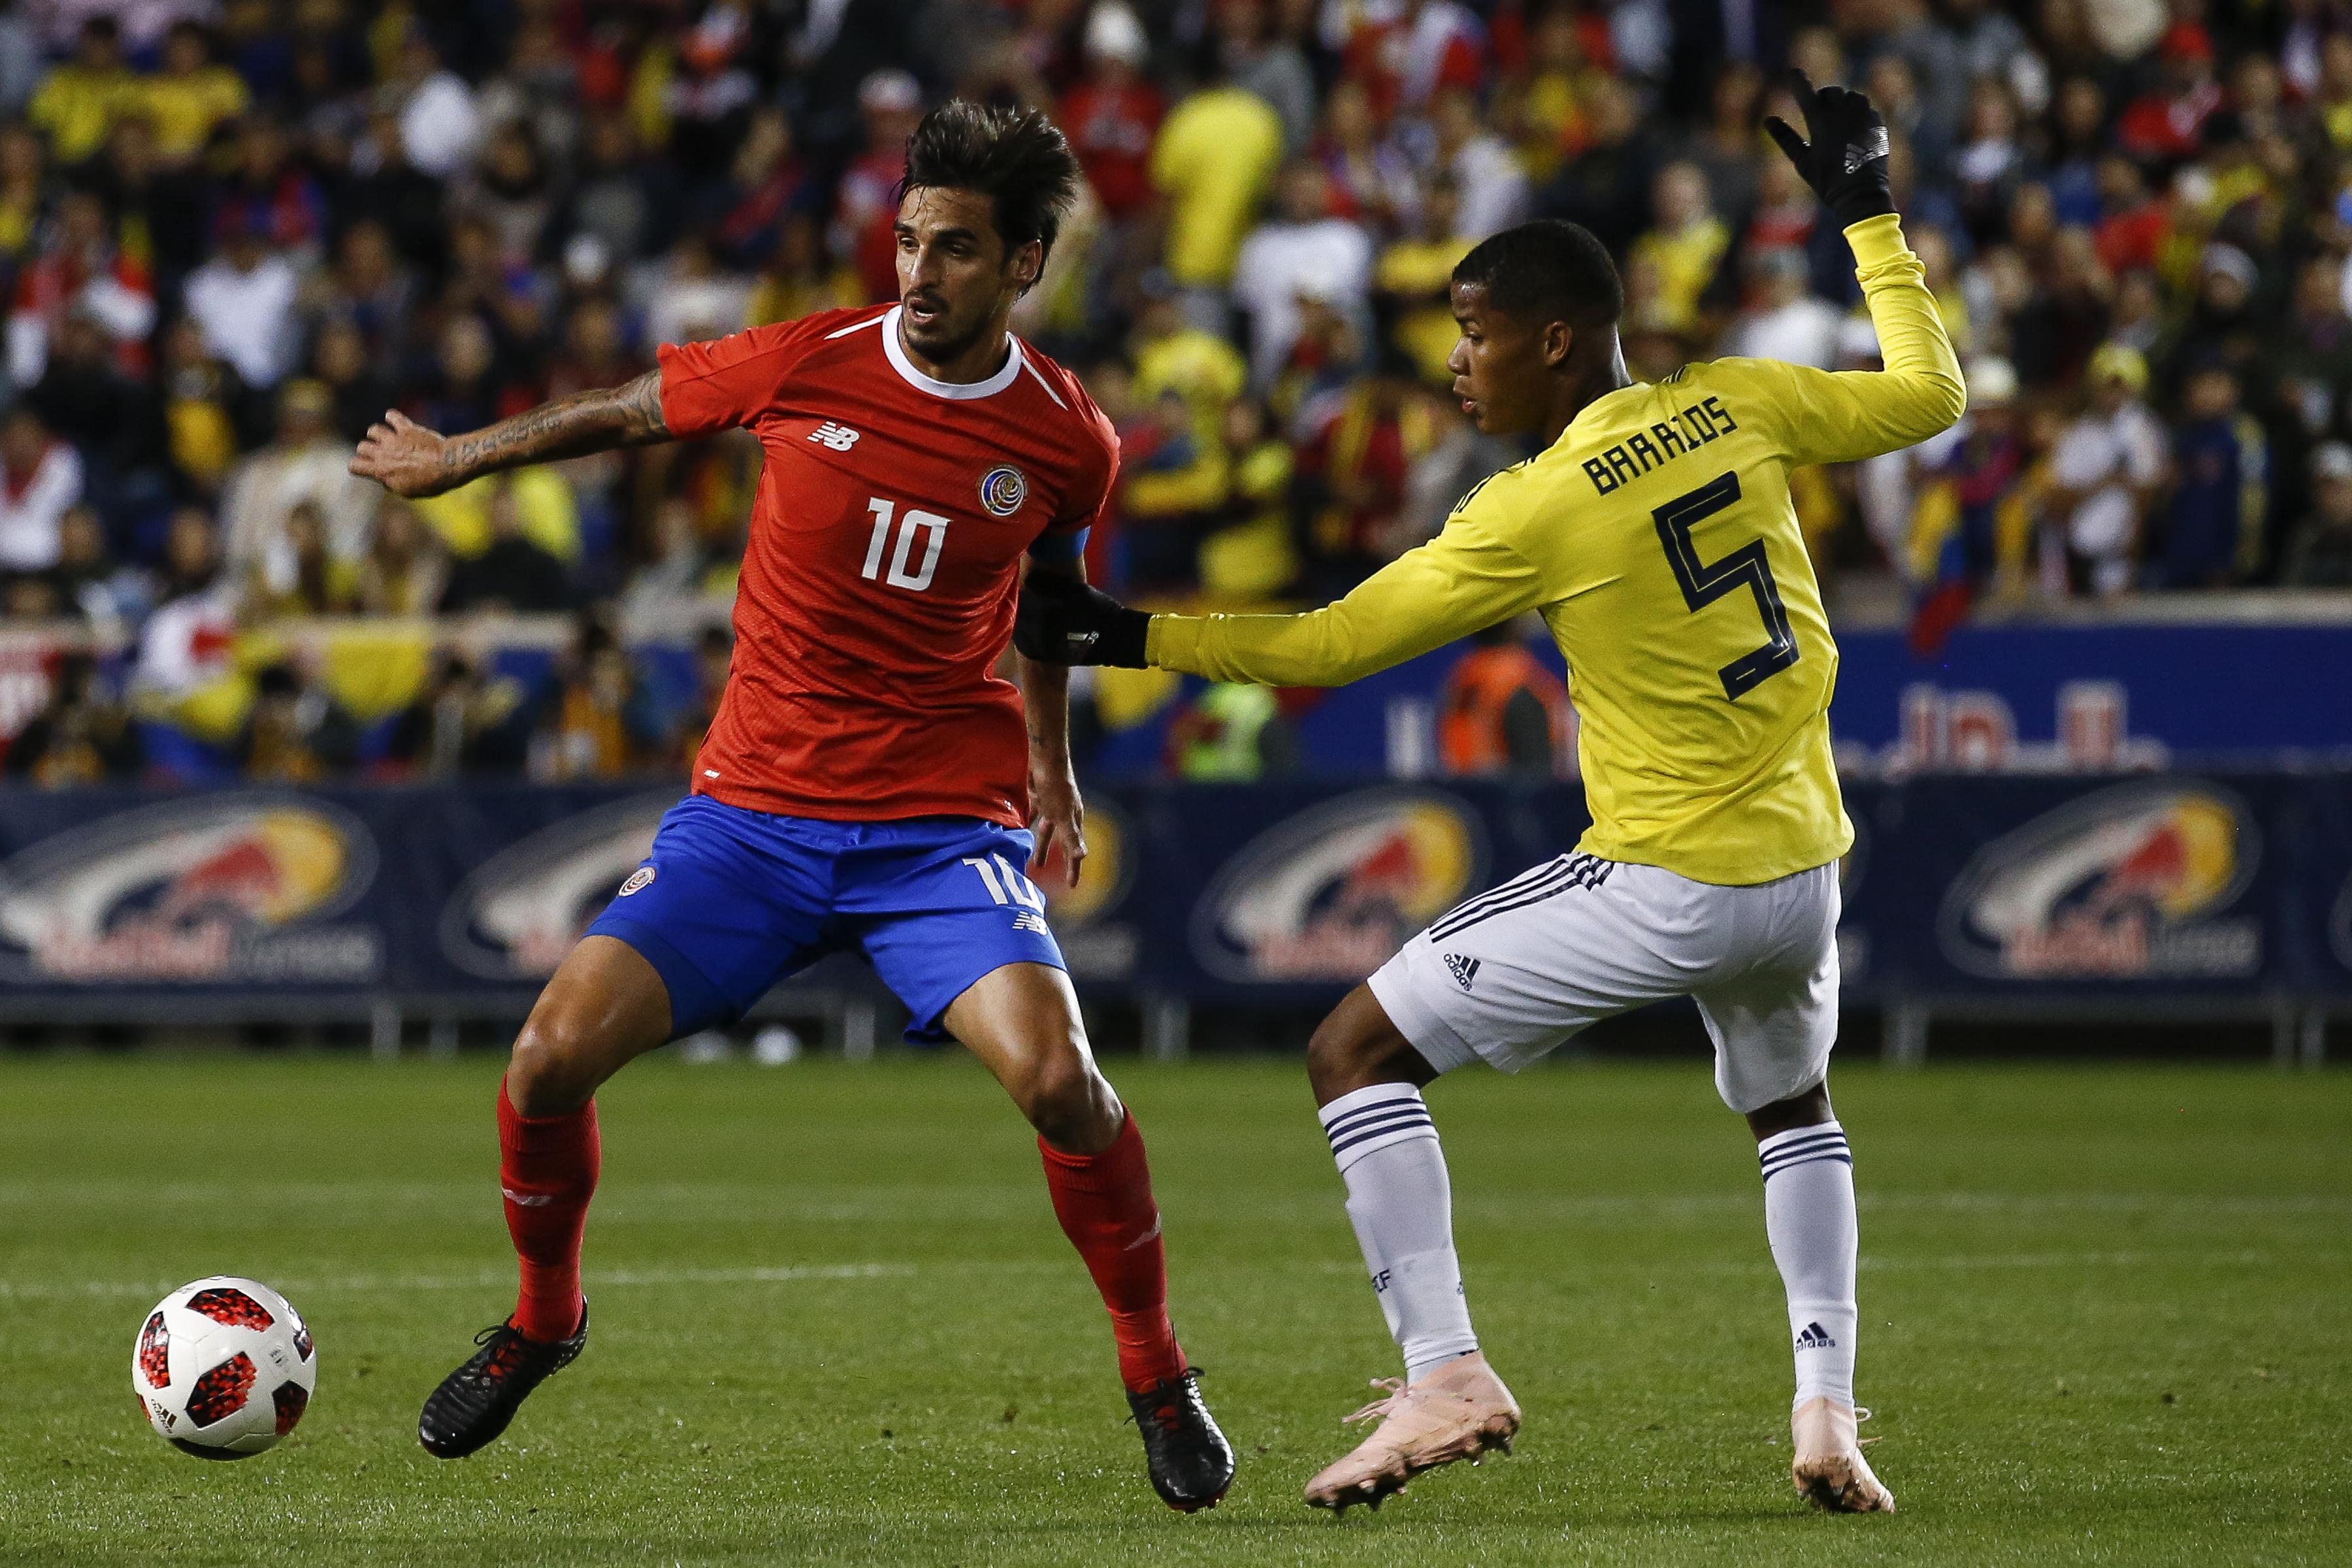 Wilmar Barrios Colombia - Costa Rica 2018